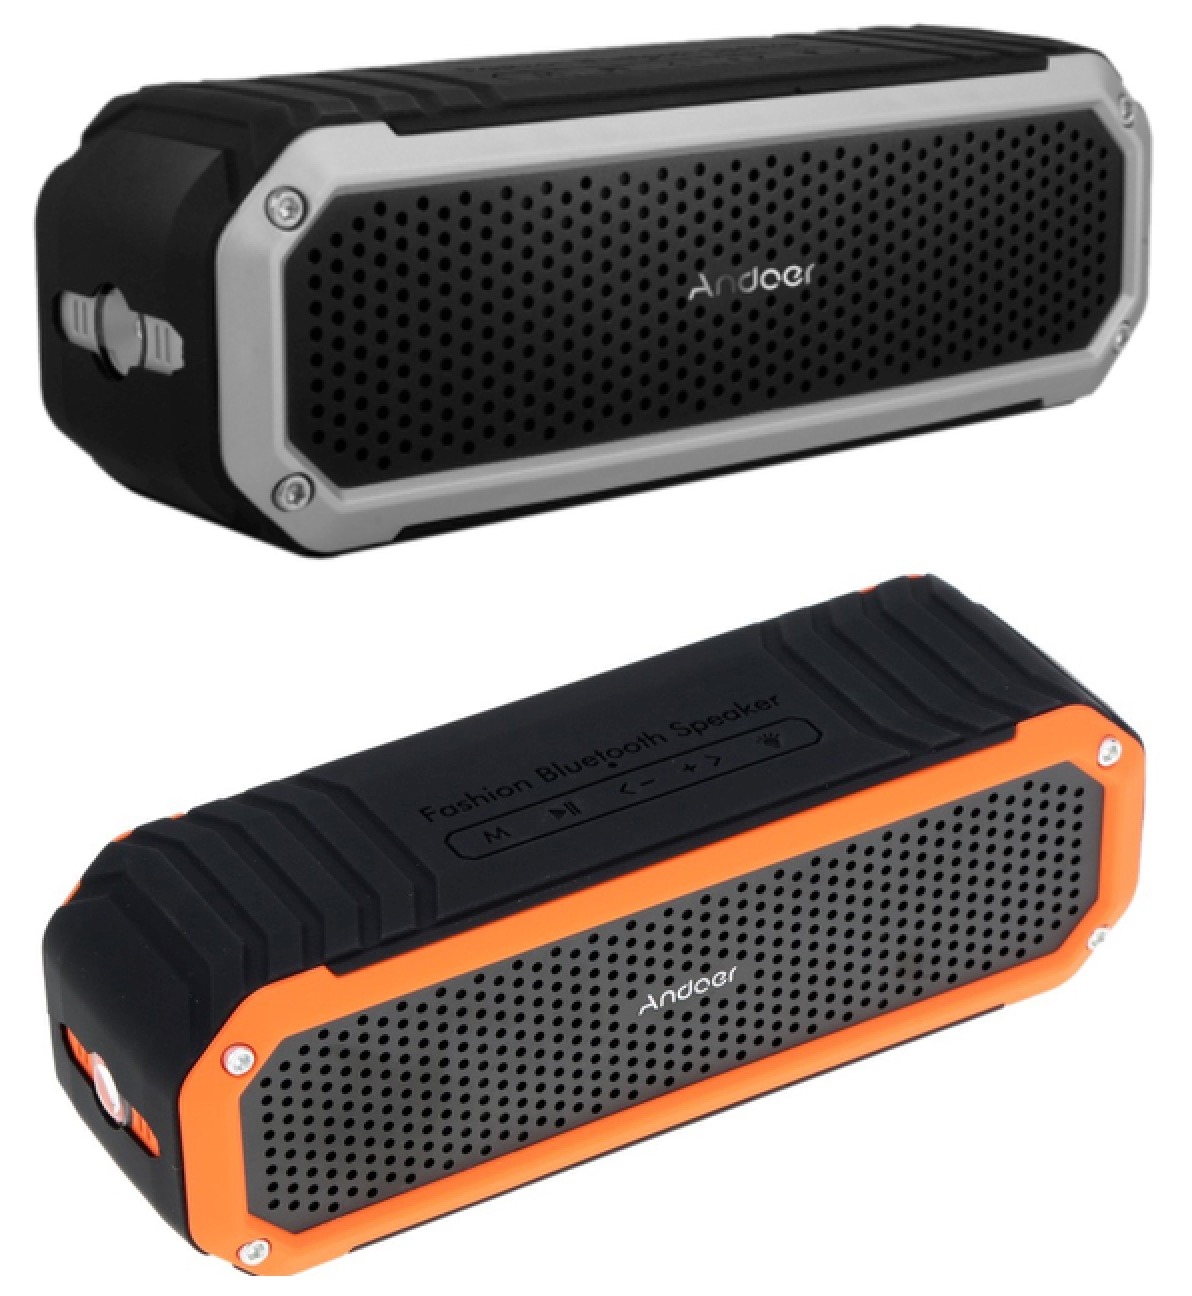 Andoer 10W Wireless Bluetooth 4.0 Outdoor Stereo Lautsprecher für nur 16,63 Euro inkl. Versand